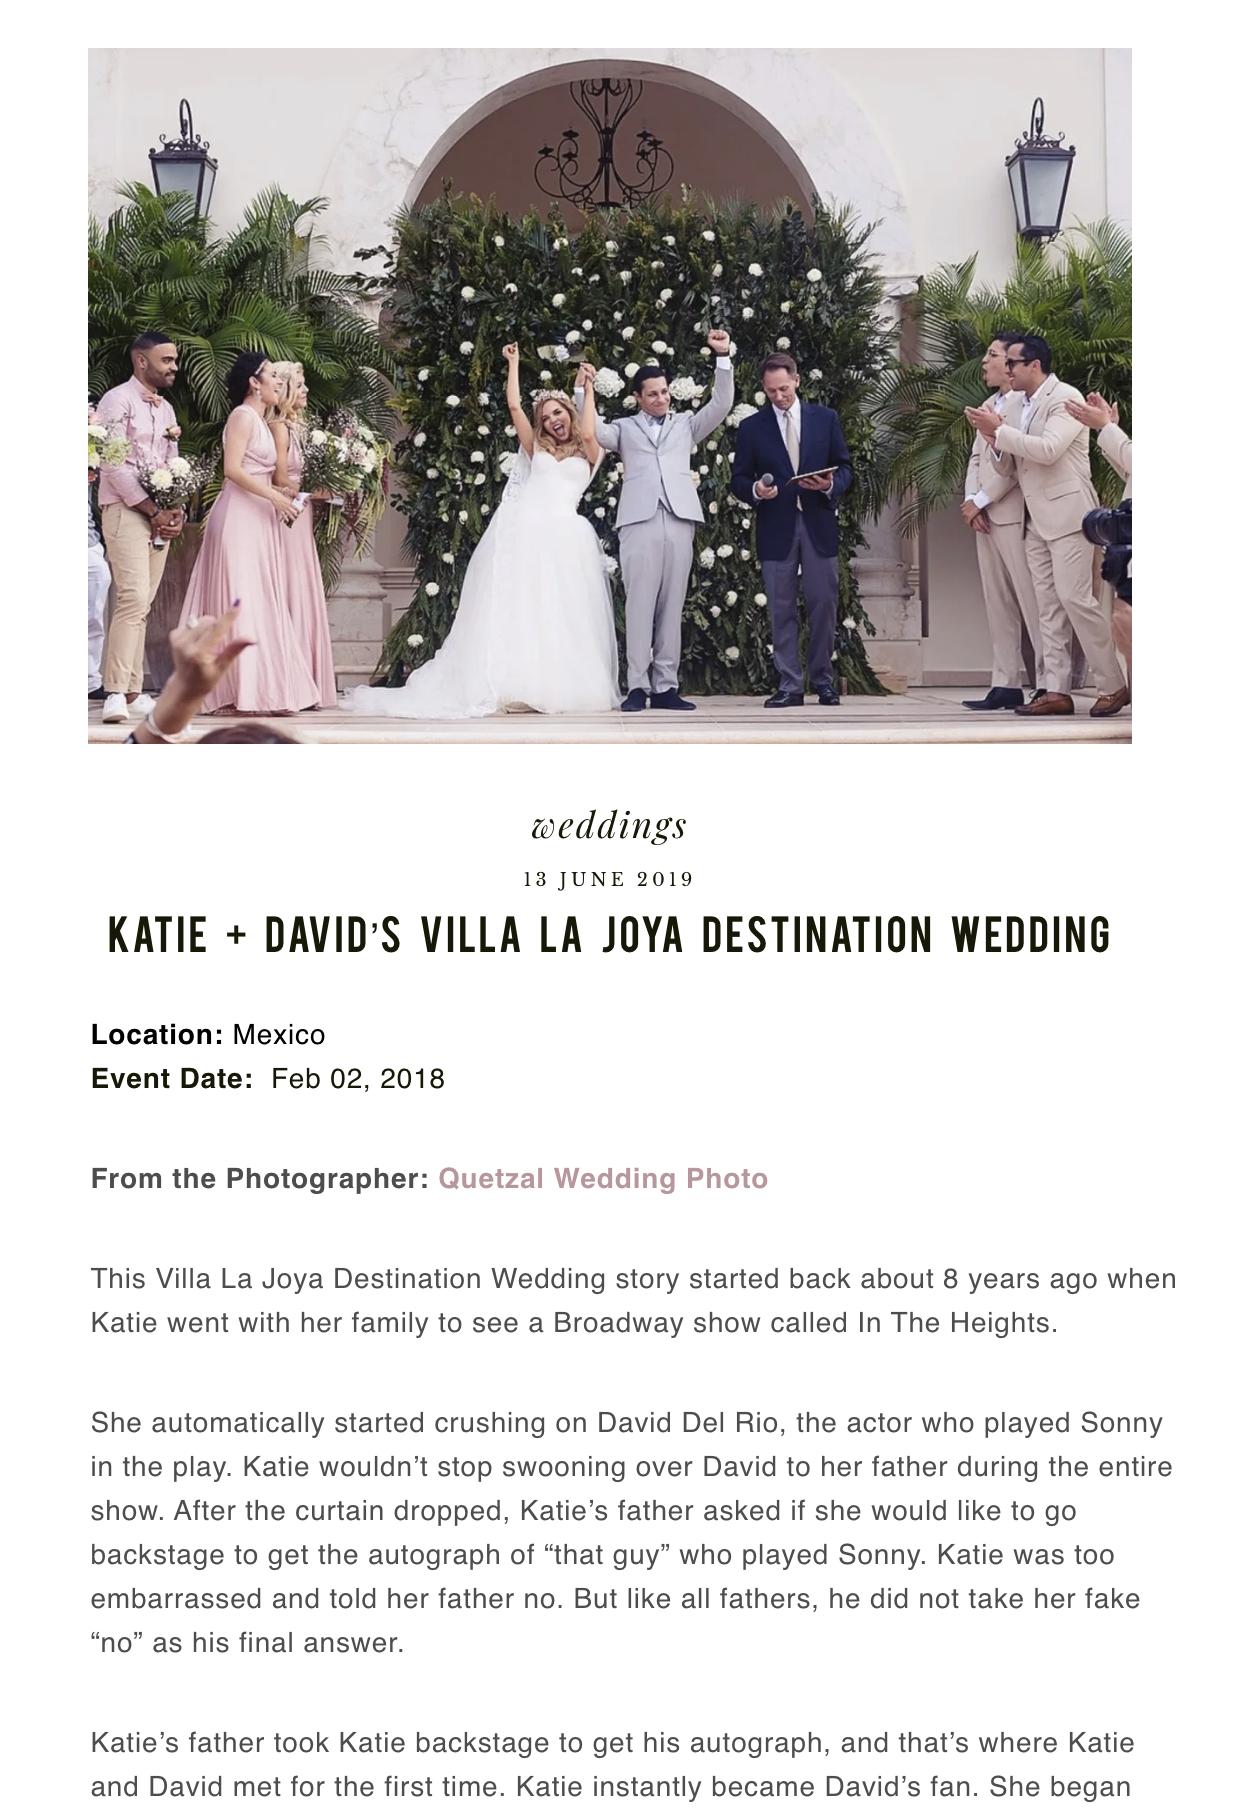 KATIE + DAVID'S VILLA LA JOYA DESTINATION WEDDING